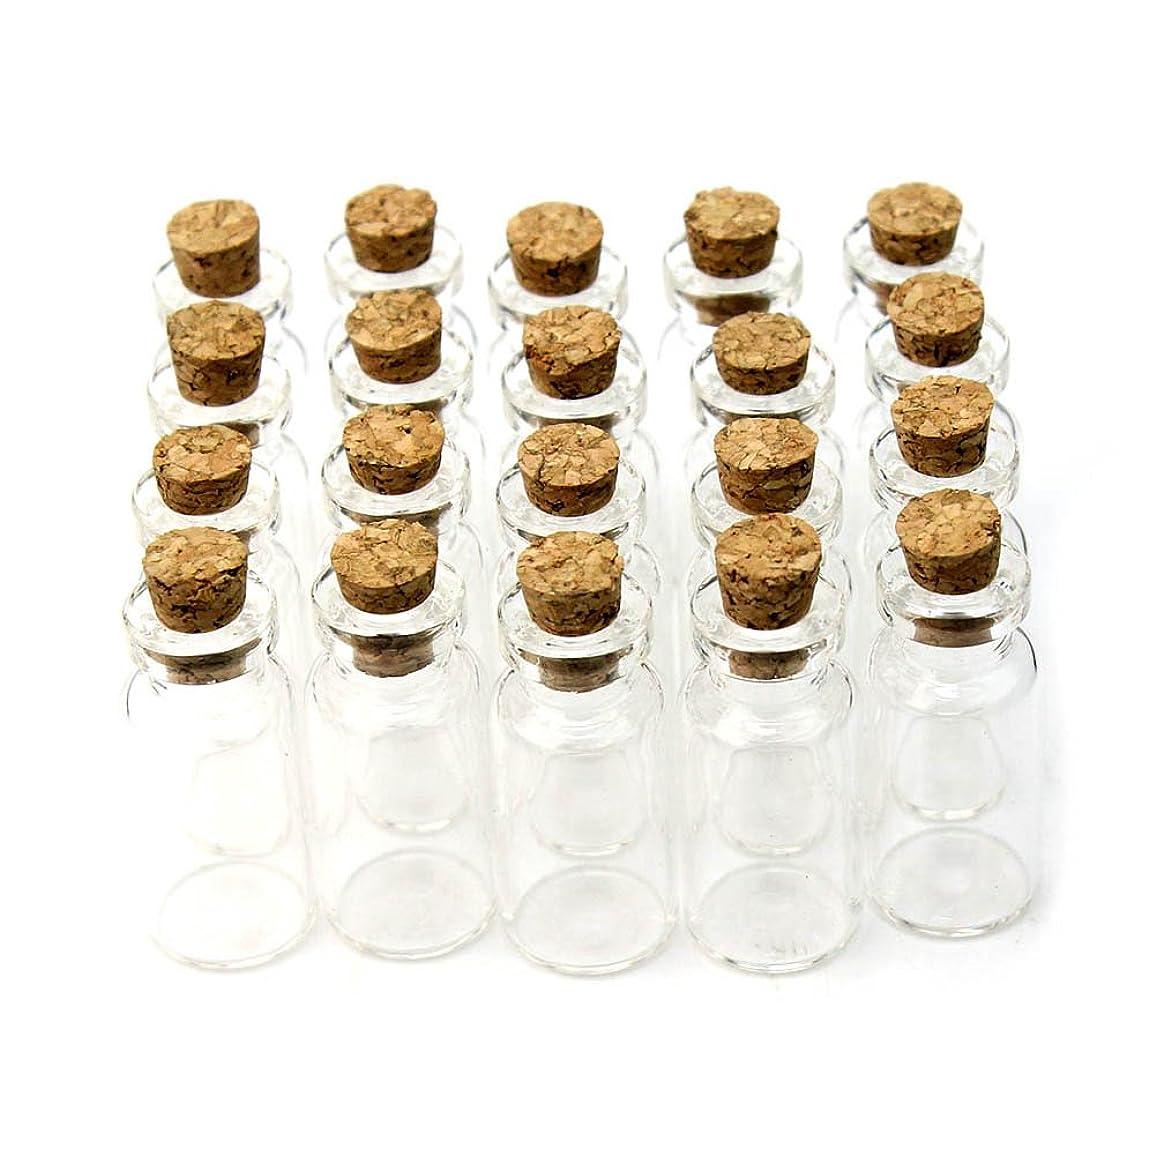 値通信網満たすReFaXi 卸売オファー PY 小さなクリアガラス瓶の20個